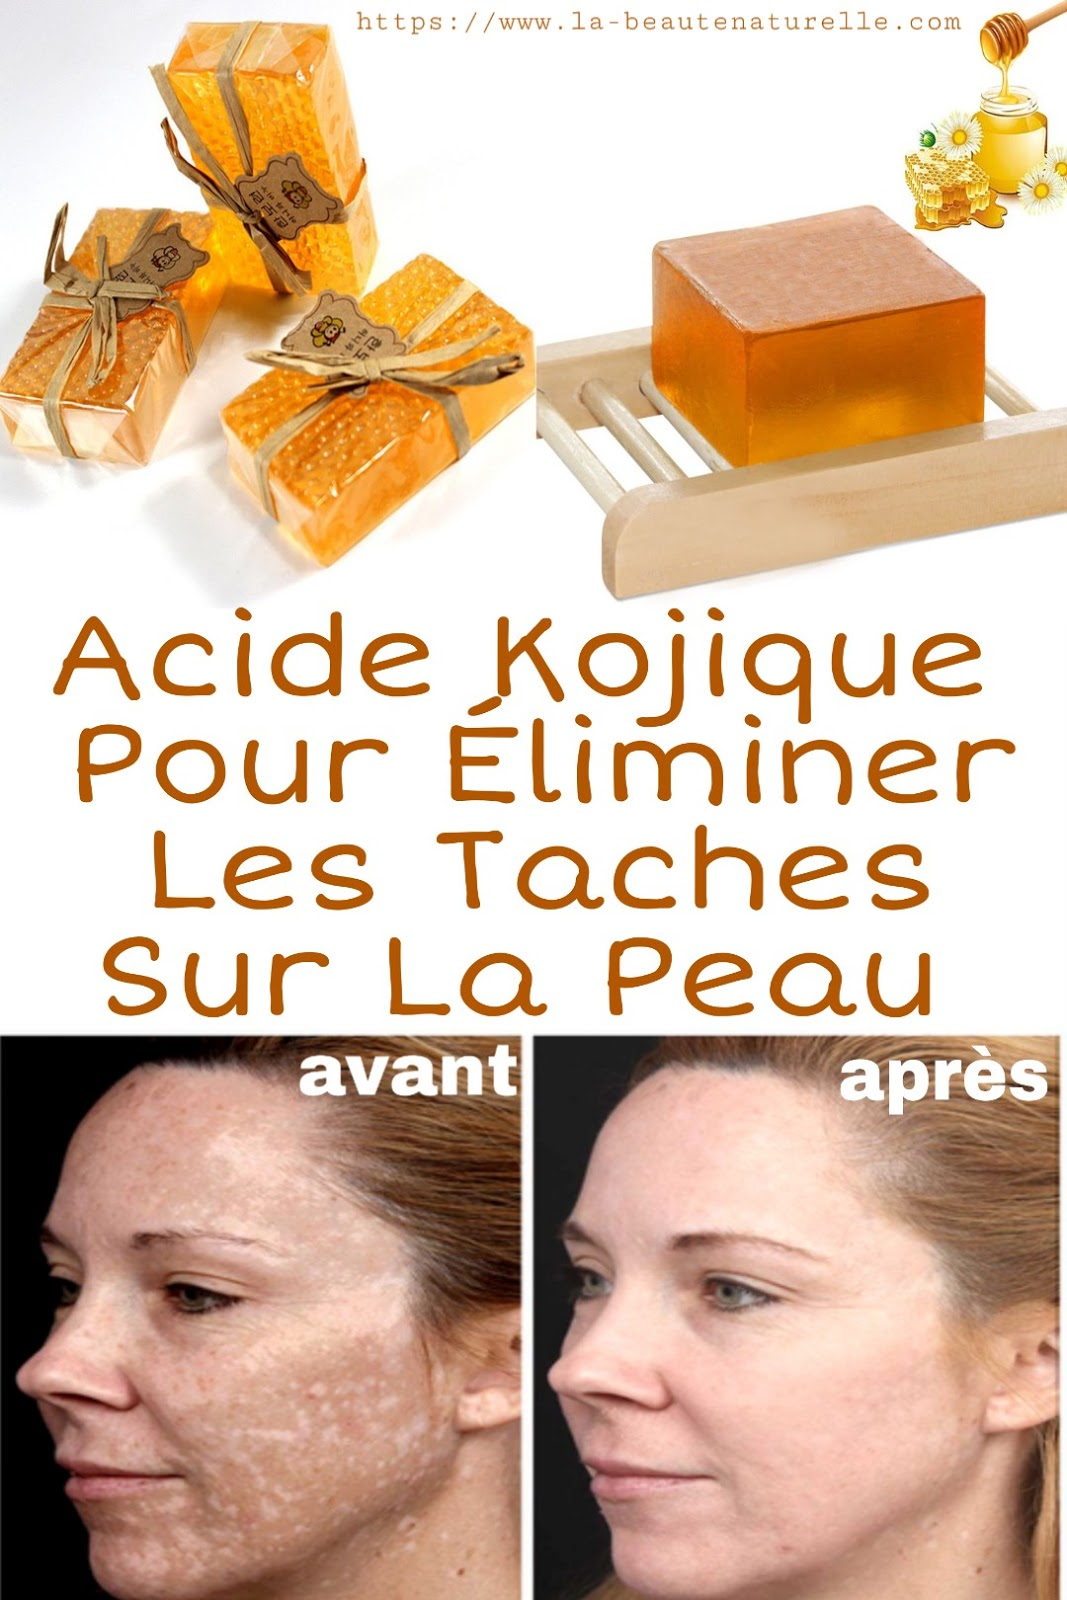 Acide Kojique Pour Éliminer Les Taches Sur La Peau